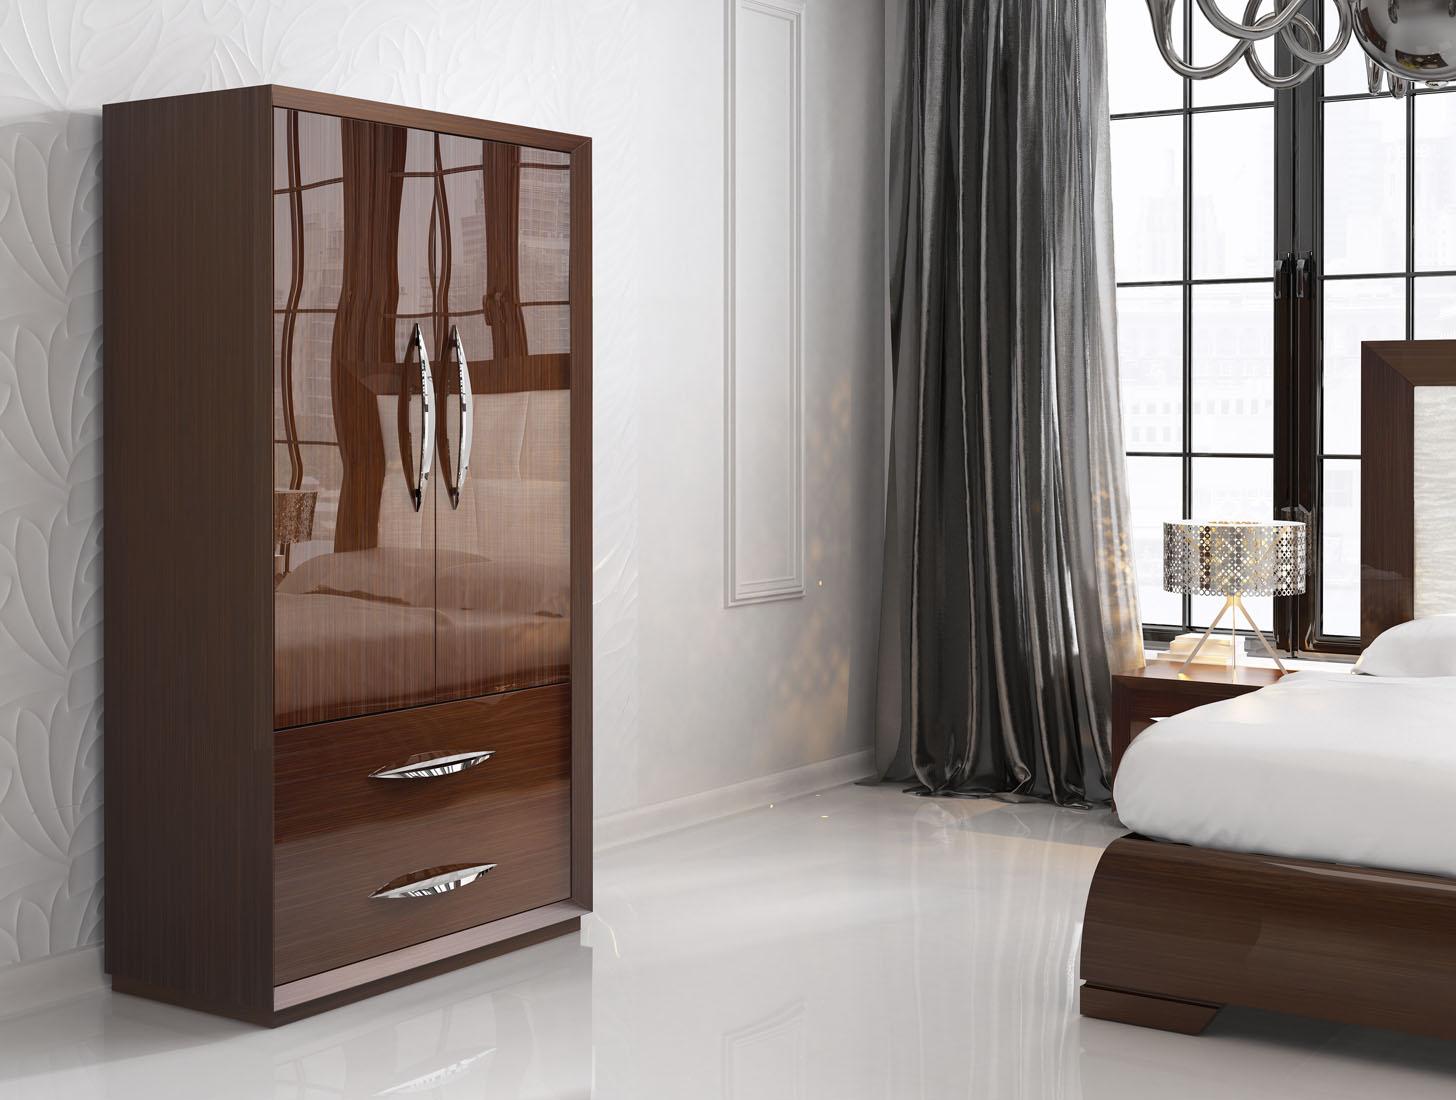 Лакированная мебель цвета орех